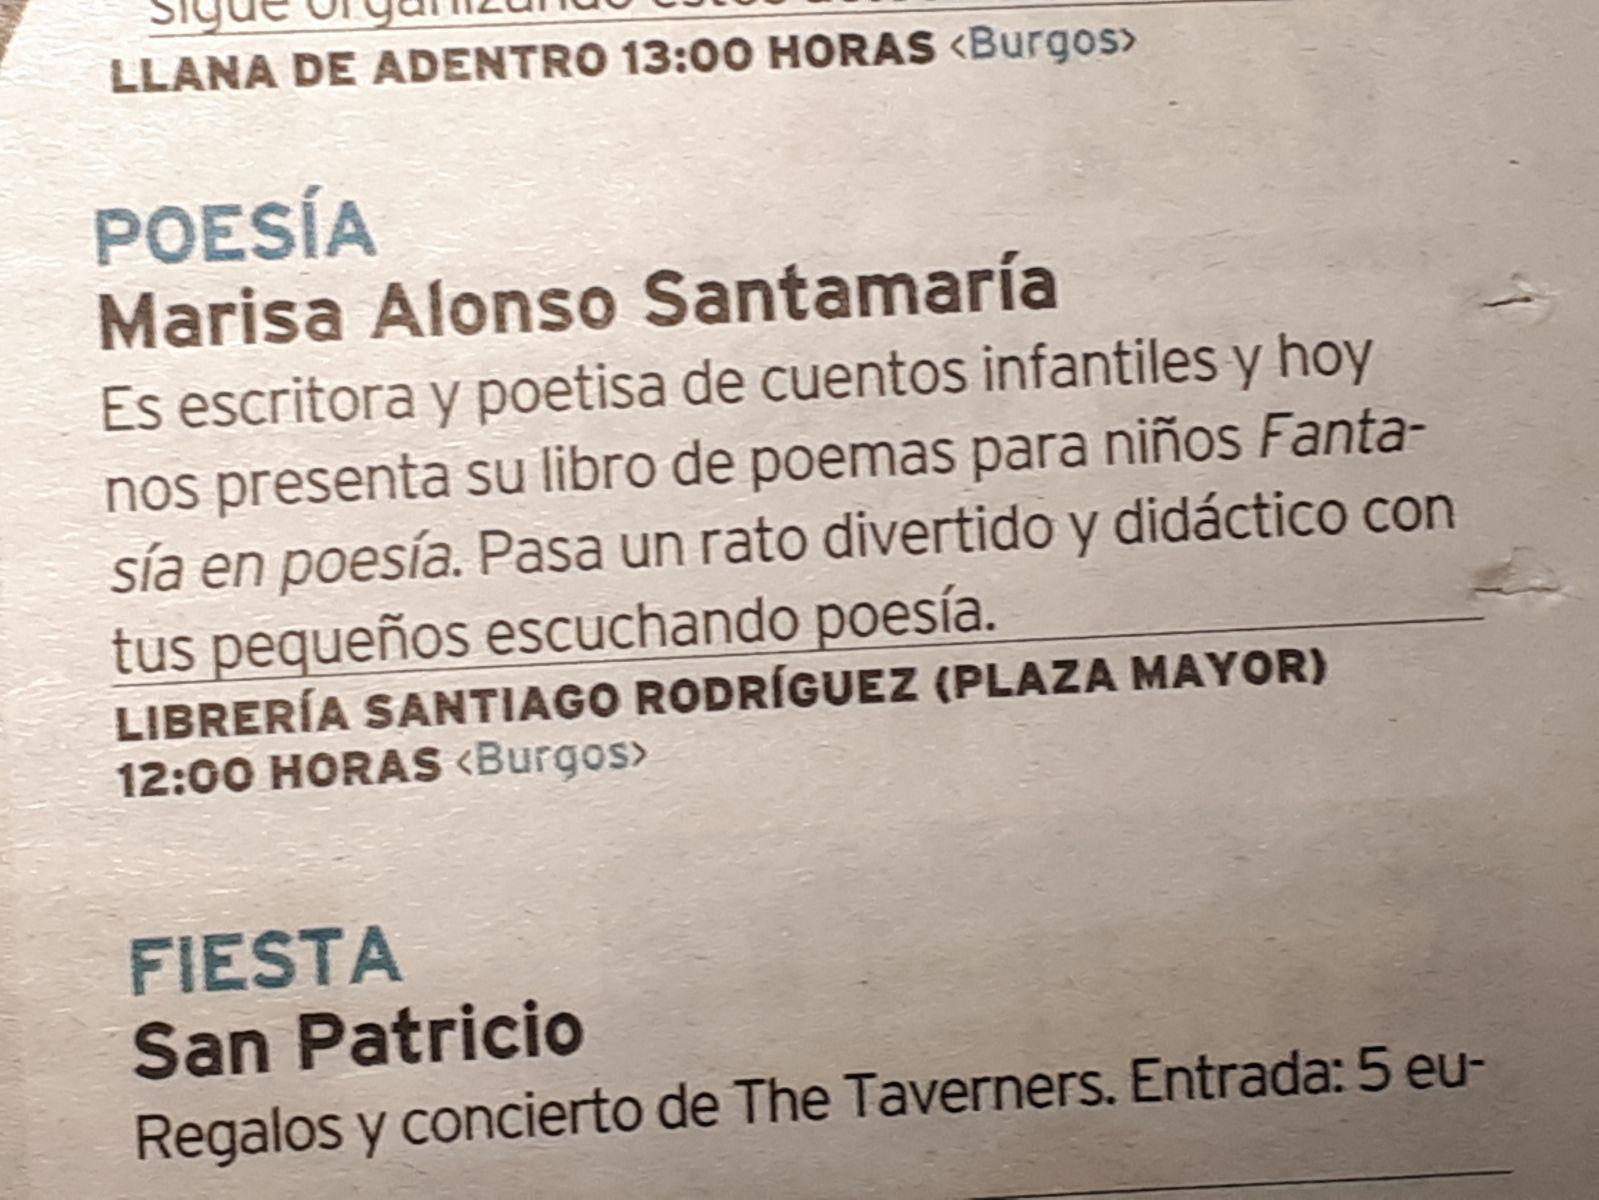 En El Diario de Burgos